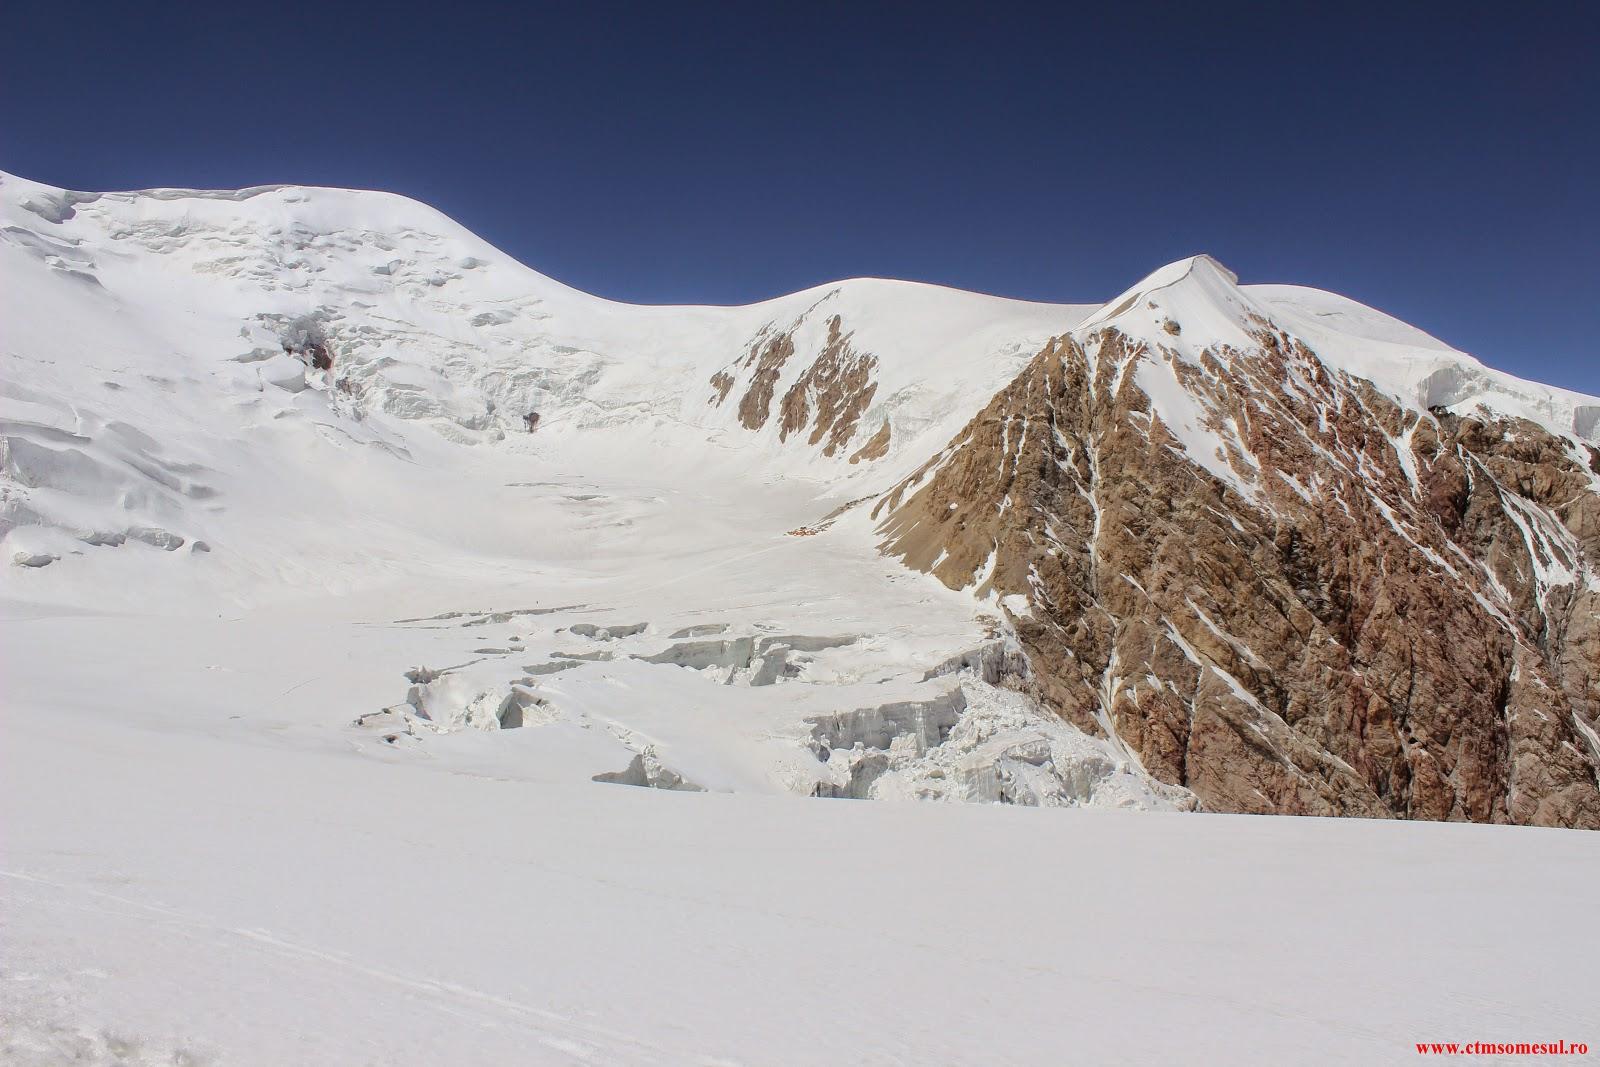 În zare camp 2 5400 m